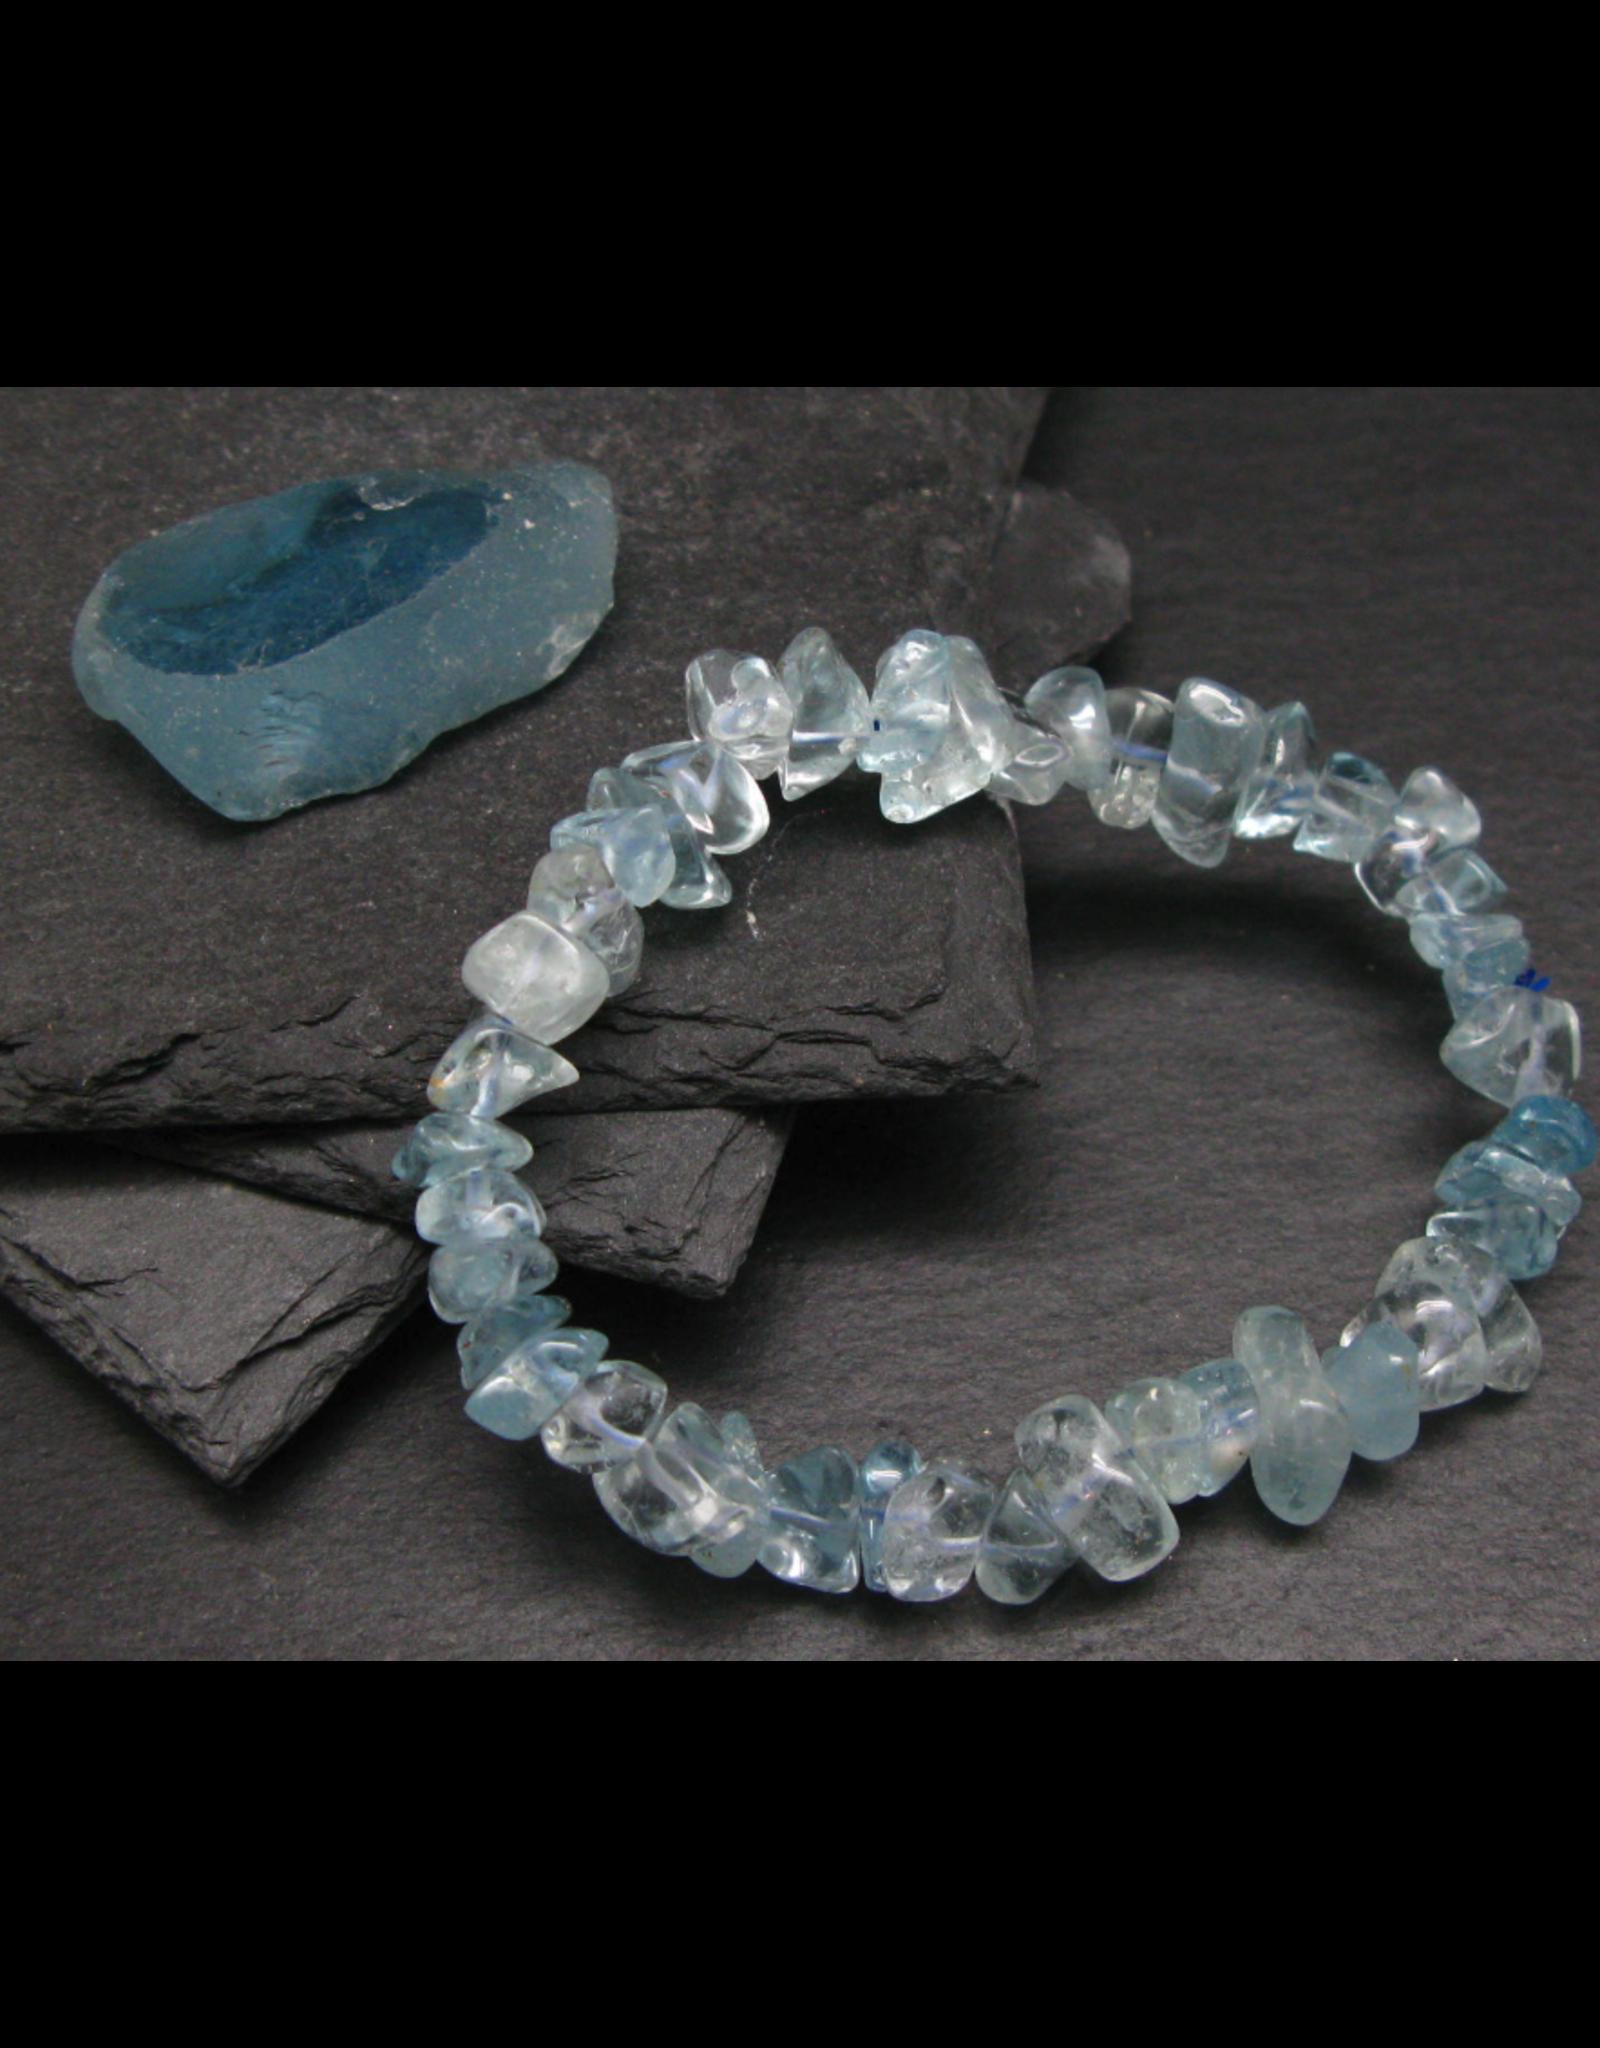 Blue Topaz Tumbled Bracelet - 12mm